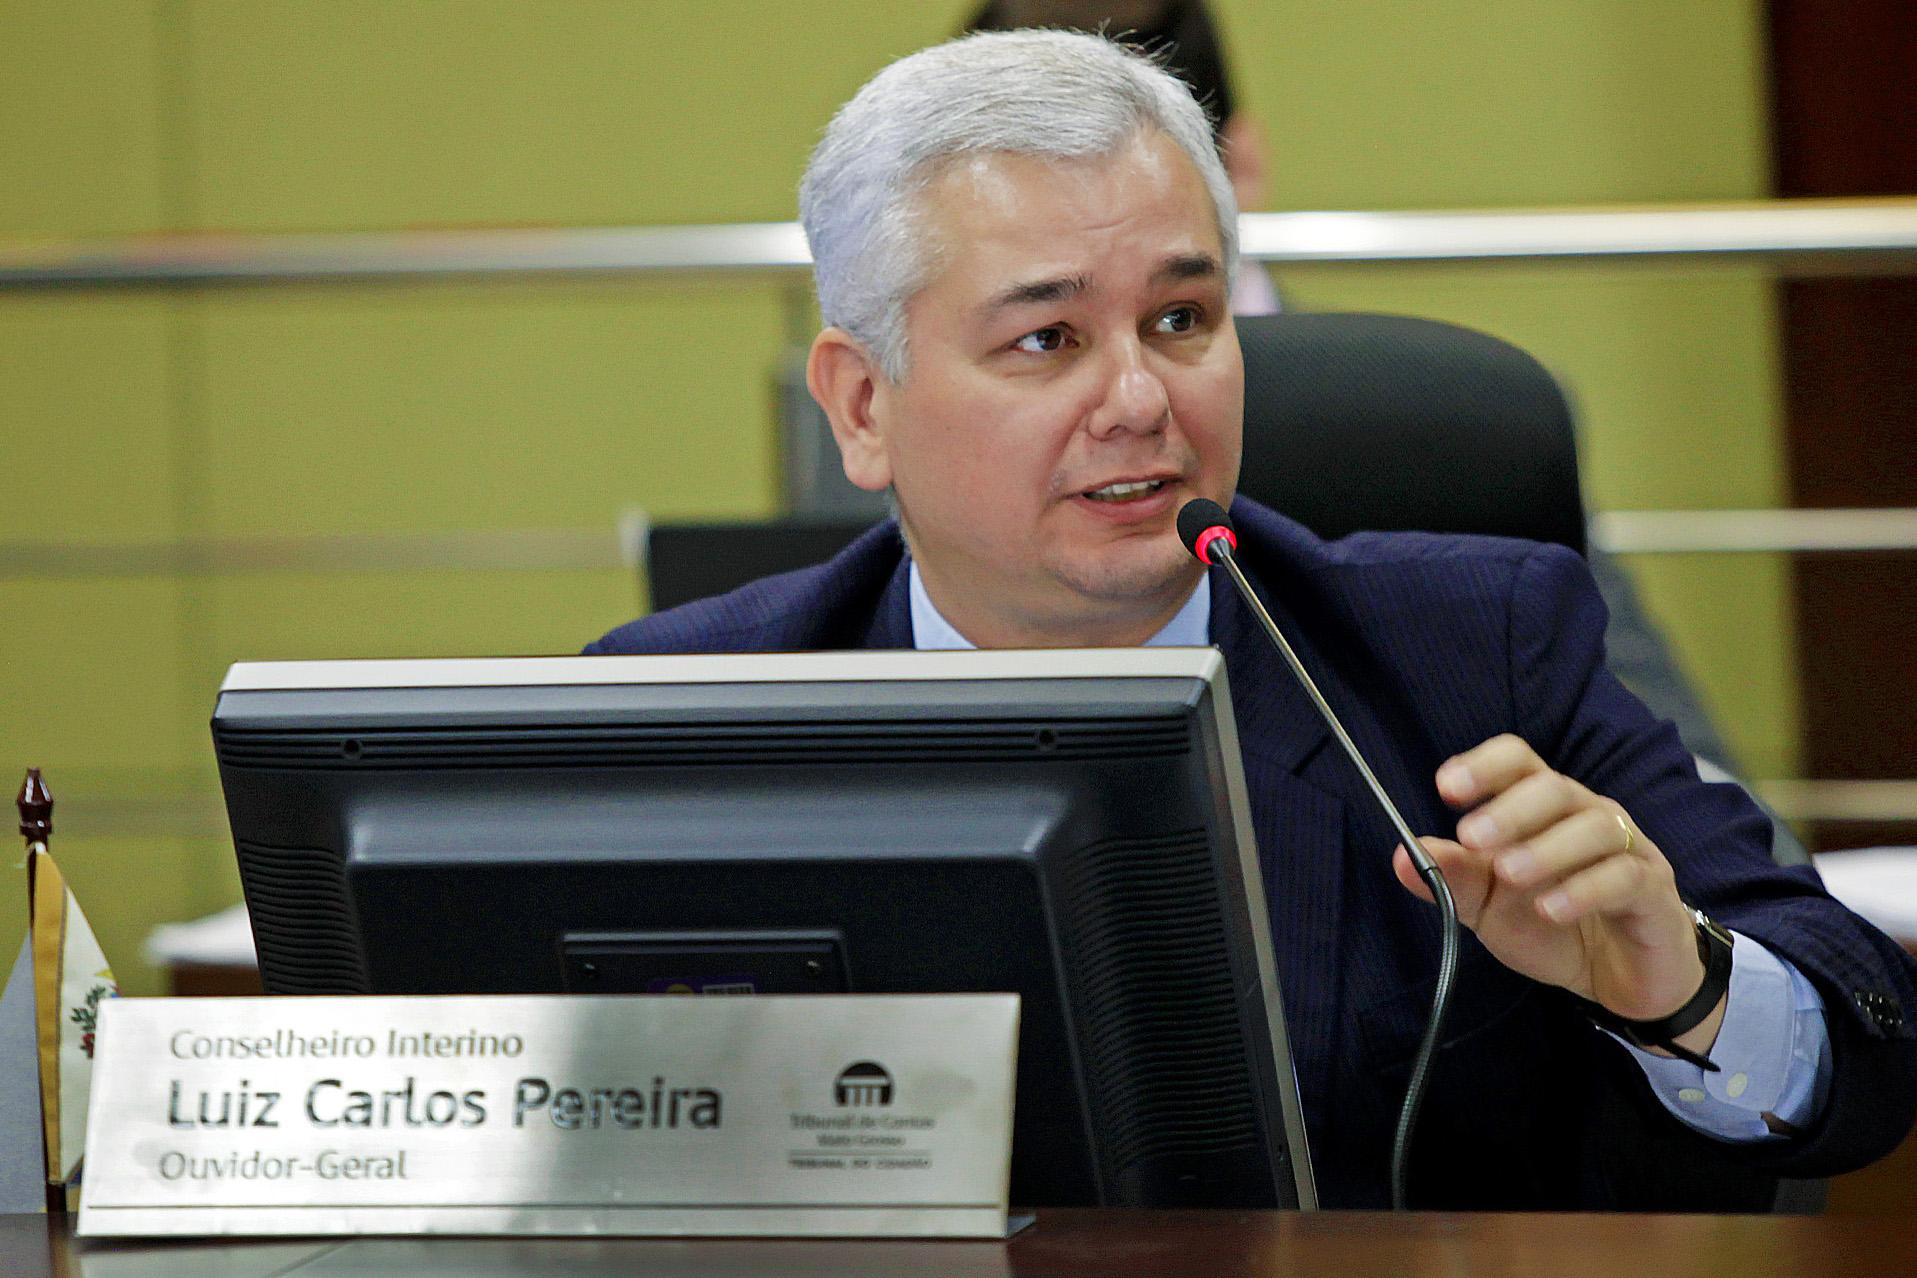 Conselheiro Interino Ouvidor-Geral - Luiz Carlos Pereira - 03.jpg